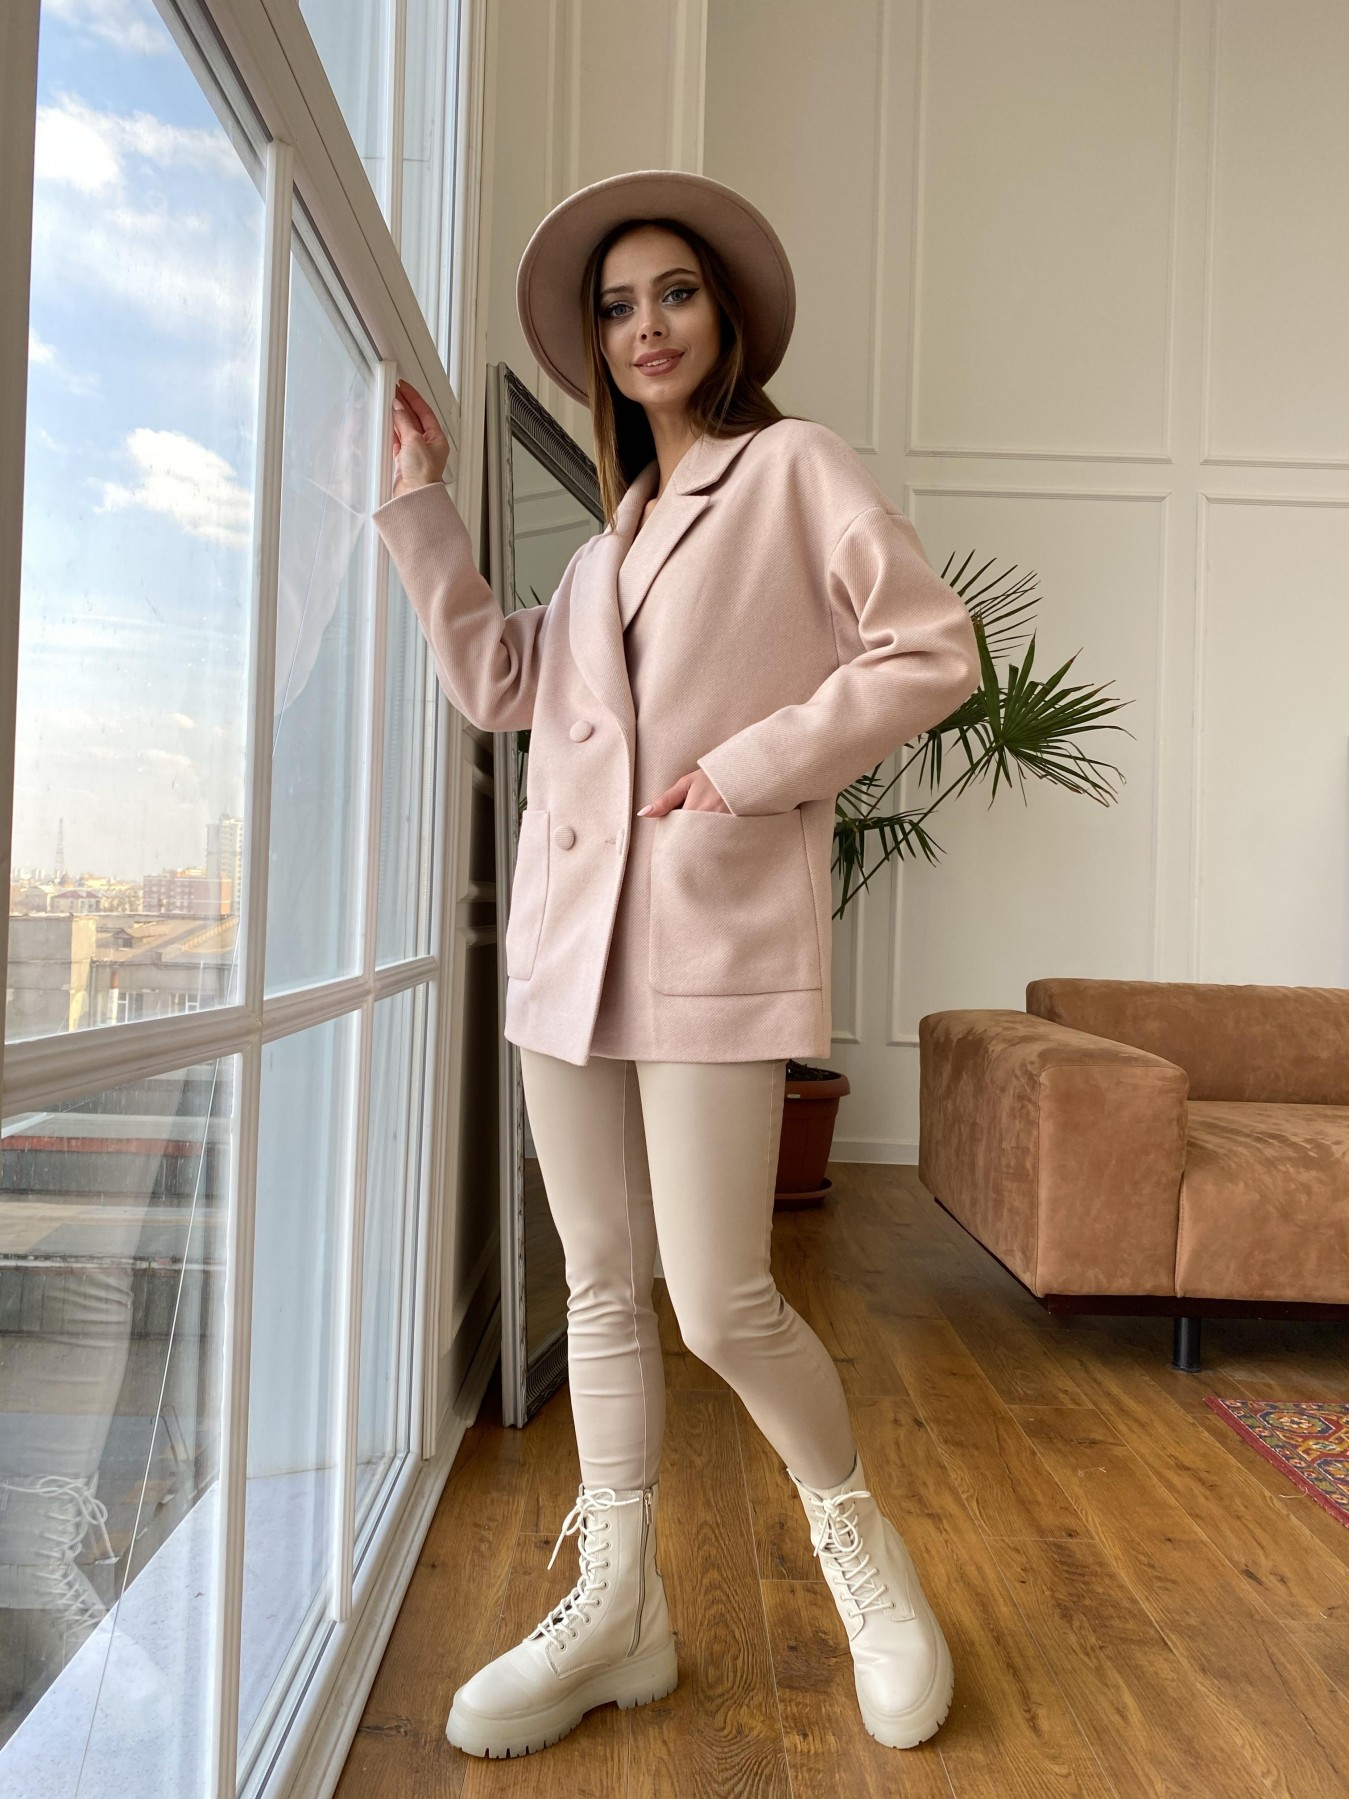 Мансера  пальто диагональ  10855 АРТ. 47358 Цвет: Пудра 11 - фото 3, интернет магазин tm-modus.ru